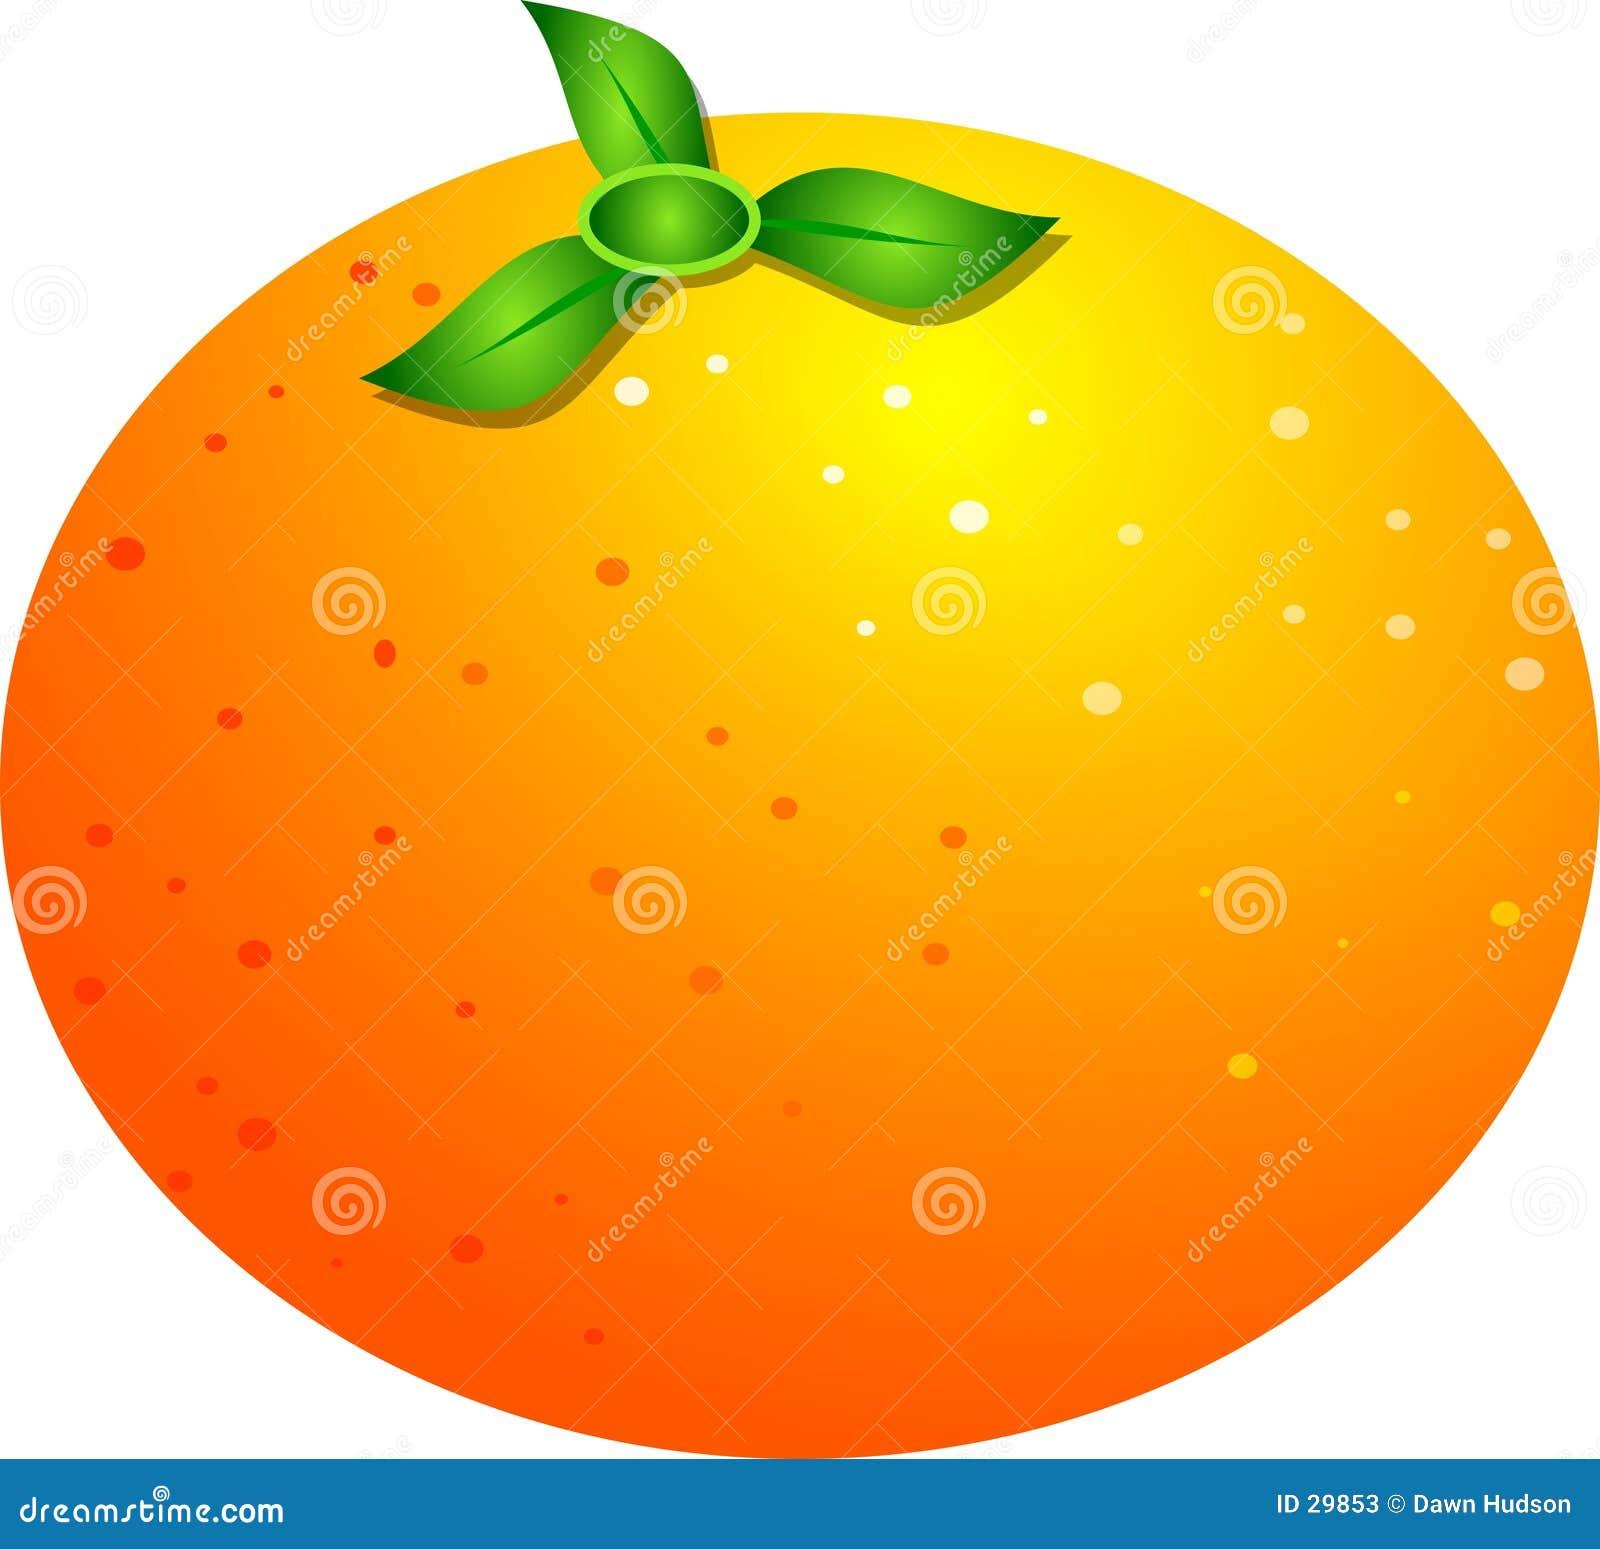 Download Orange stock abbildung. Illustration von nahrung, reif, edibles - 29853